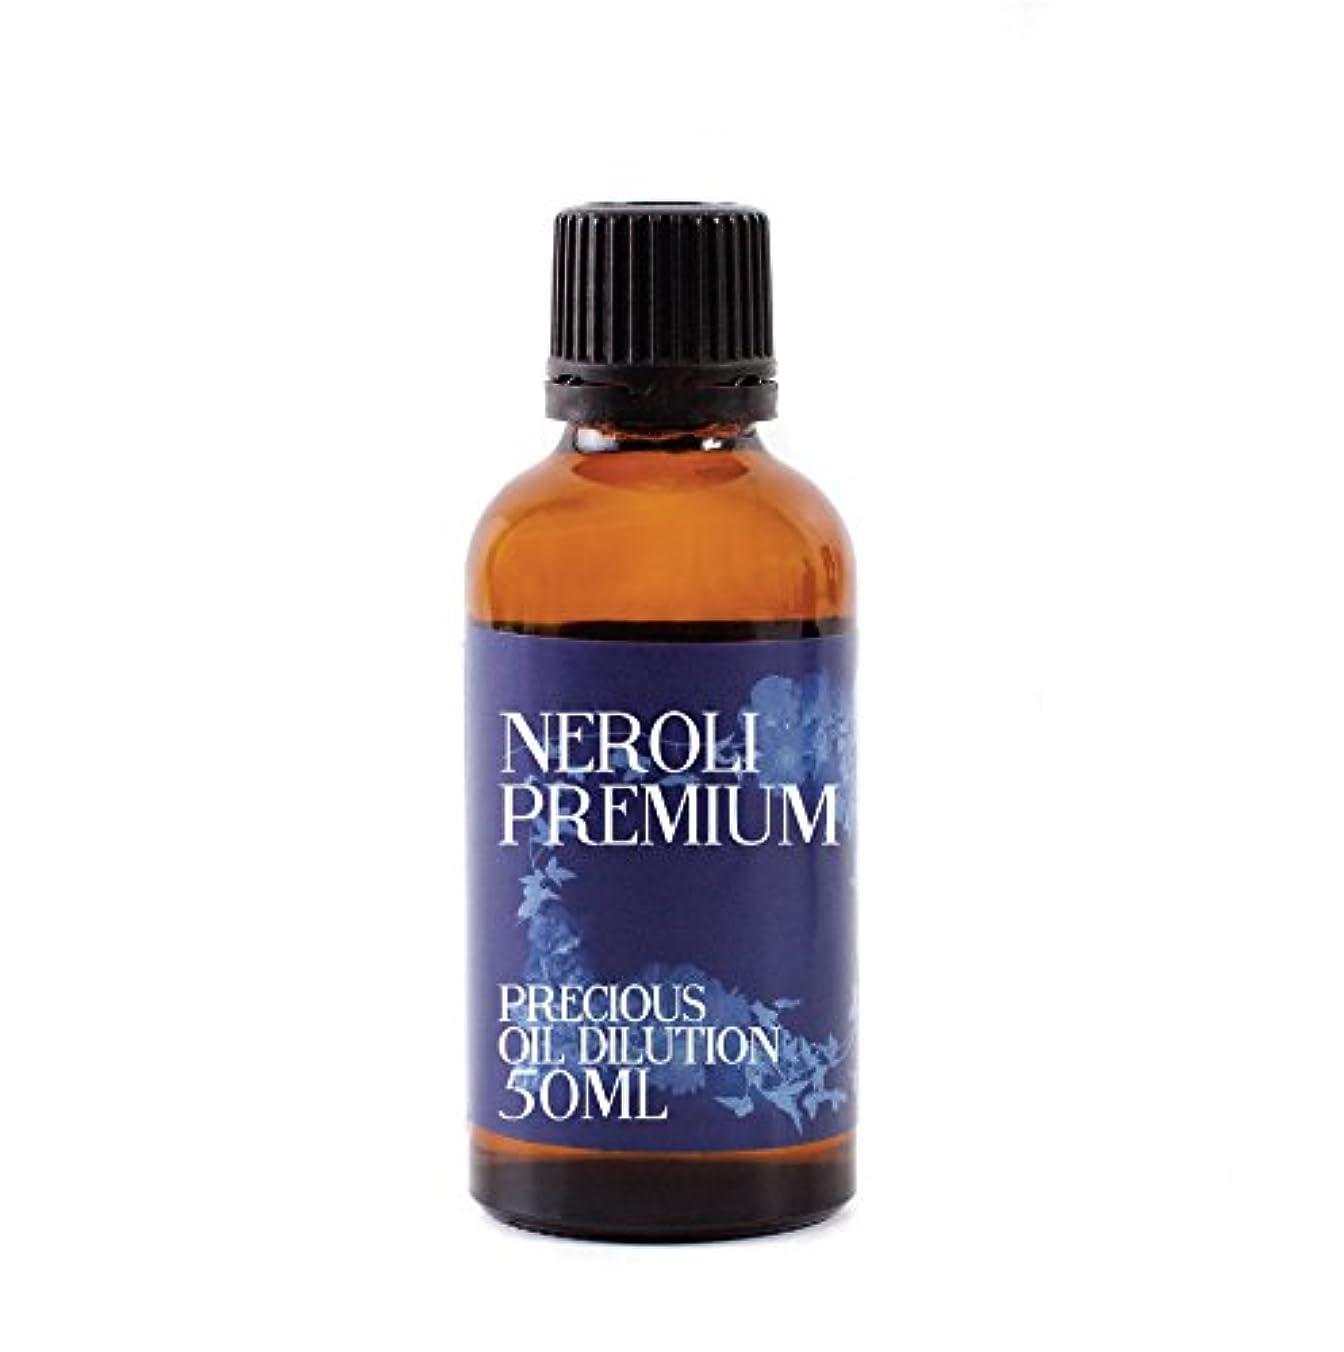 苦しみセマフォ成熟Mystic Moments | Neroli Premium Essential Oil Dilution - 50ml - 3% Jojoba Blend